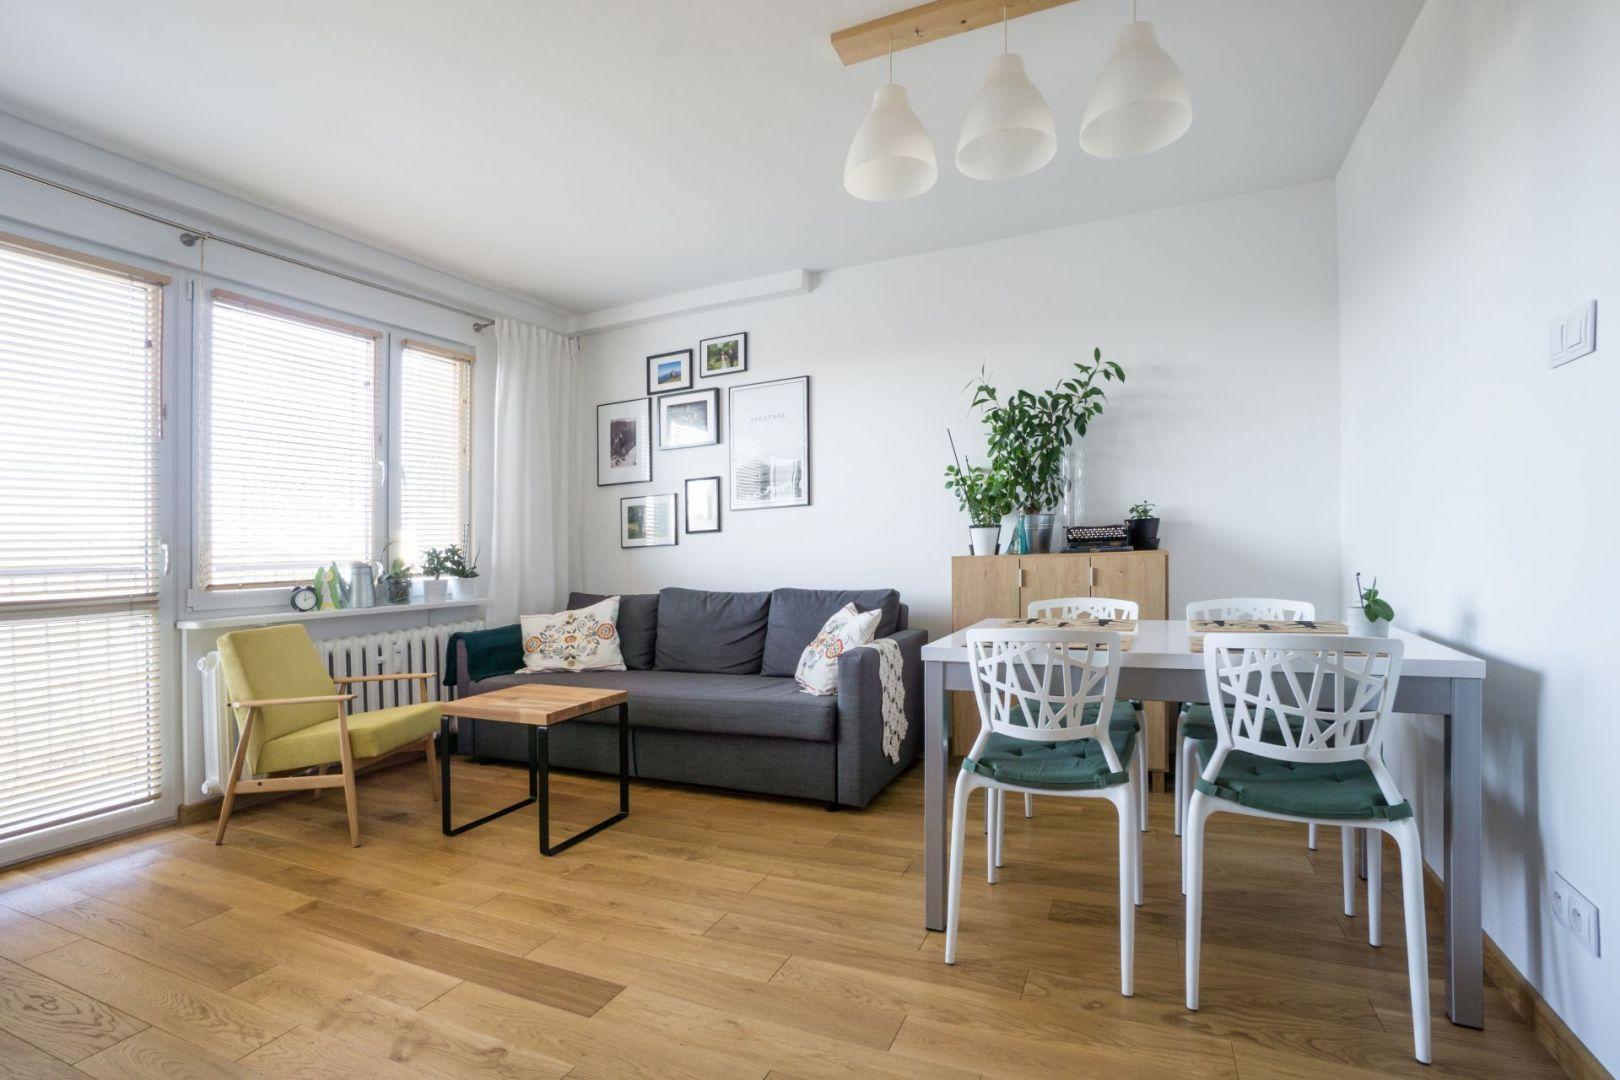 Inwestorzy postawili przed projektantką zadanie przekształcenia 50-metrowego mieszkania w bloku z wielkiej płyty w jasne, przestronne wnętrze. Projekt i zdjęcia: Magdalena Miszczyk-Tatara.